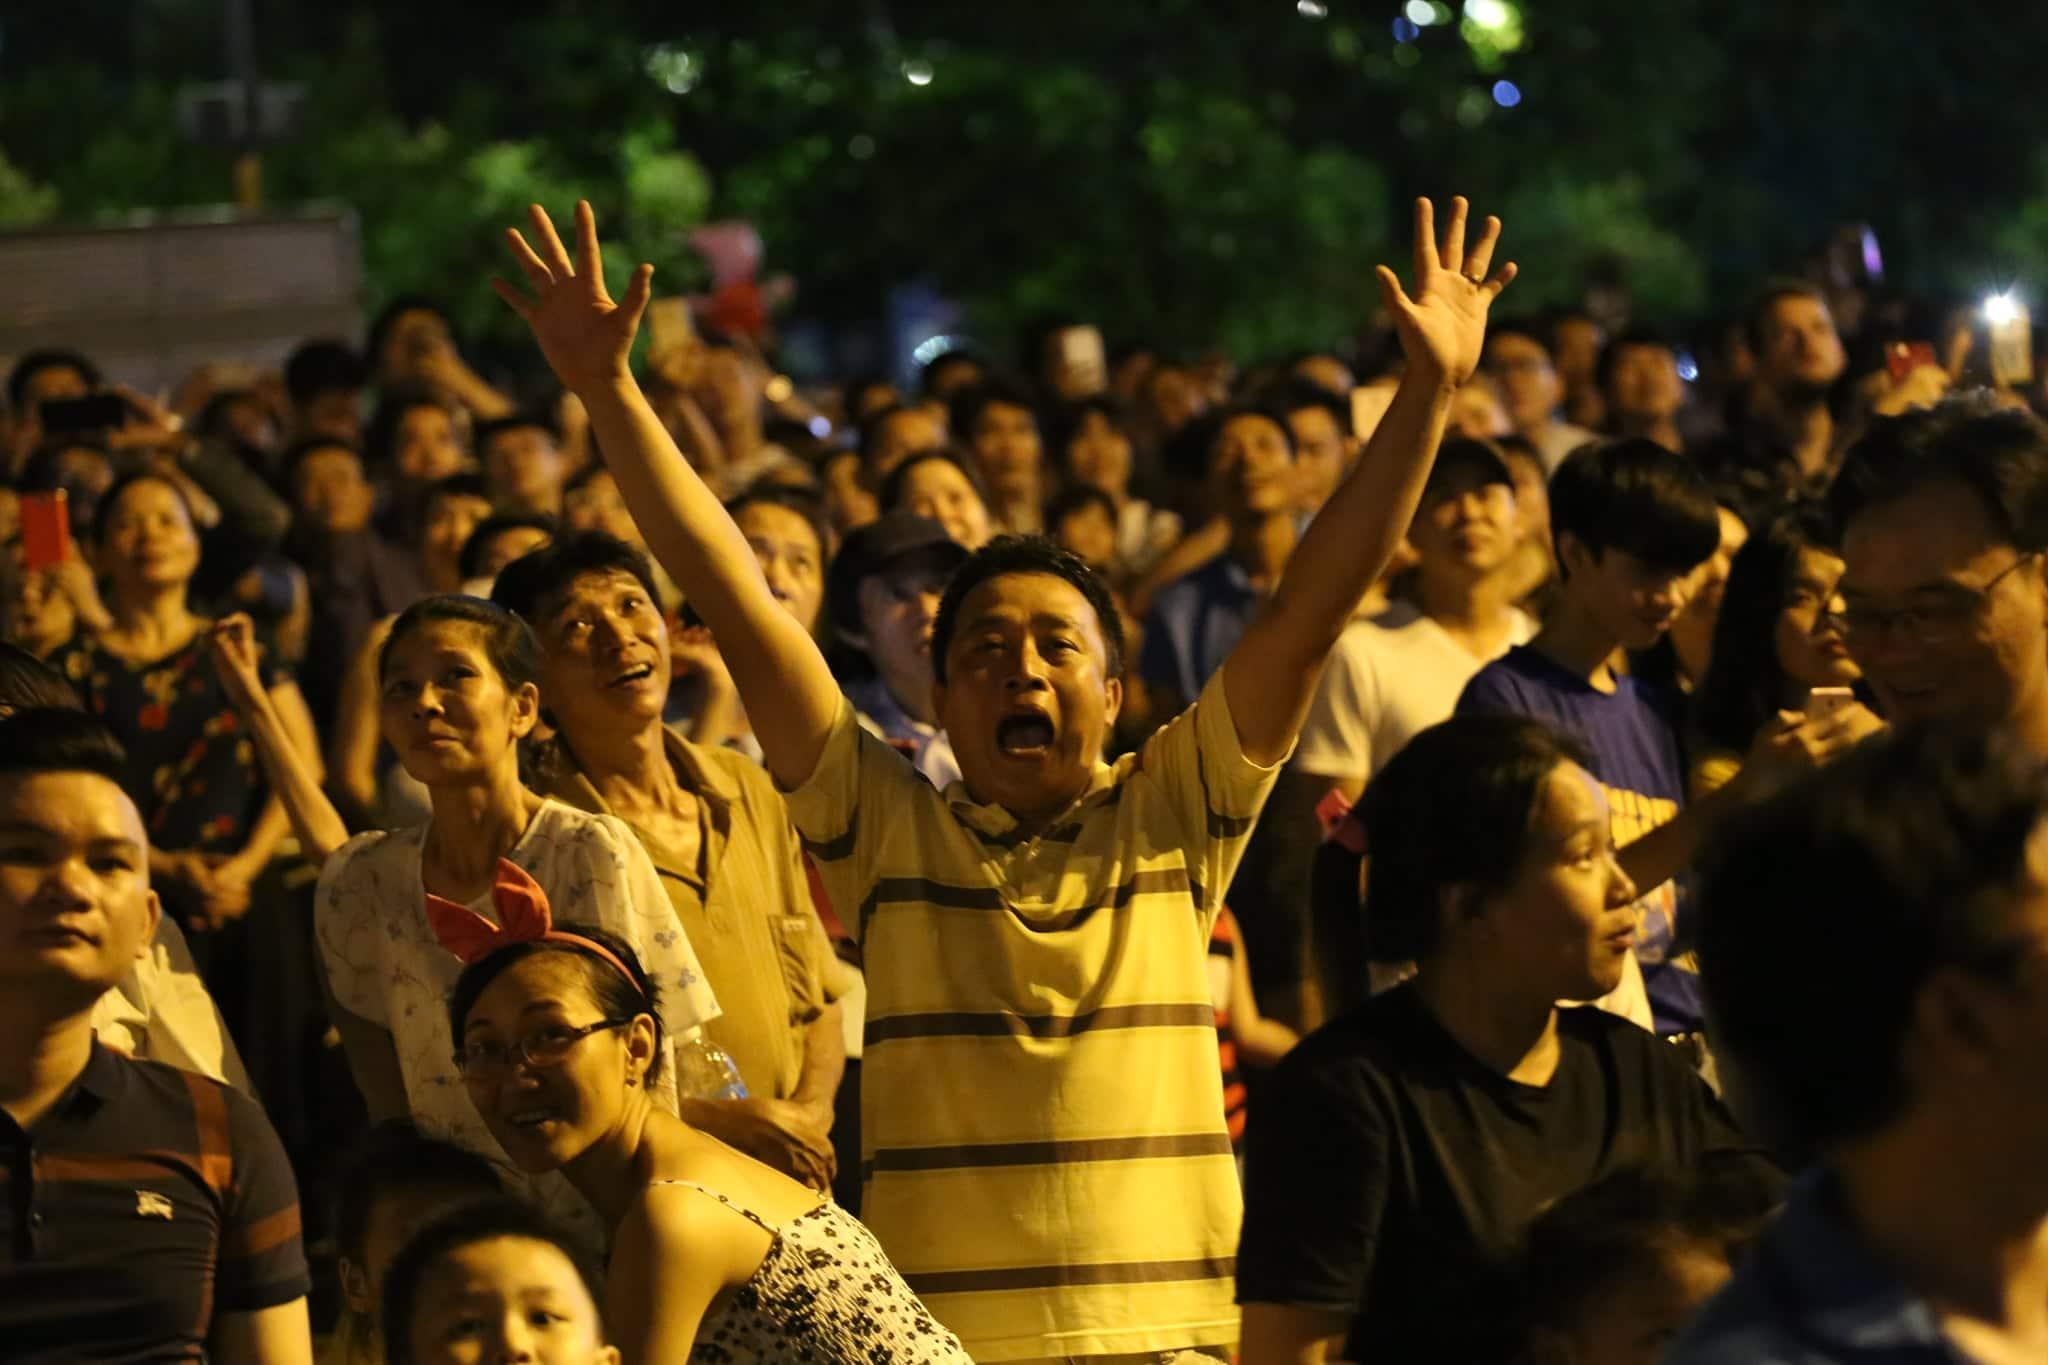 Pháo hoa rực sáng đẹp hút hồn trên bầu trời Sài Gòn, ngàn người vỗ tay tán thưởng - 8